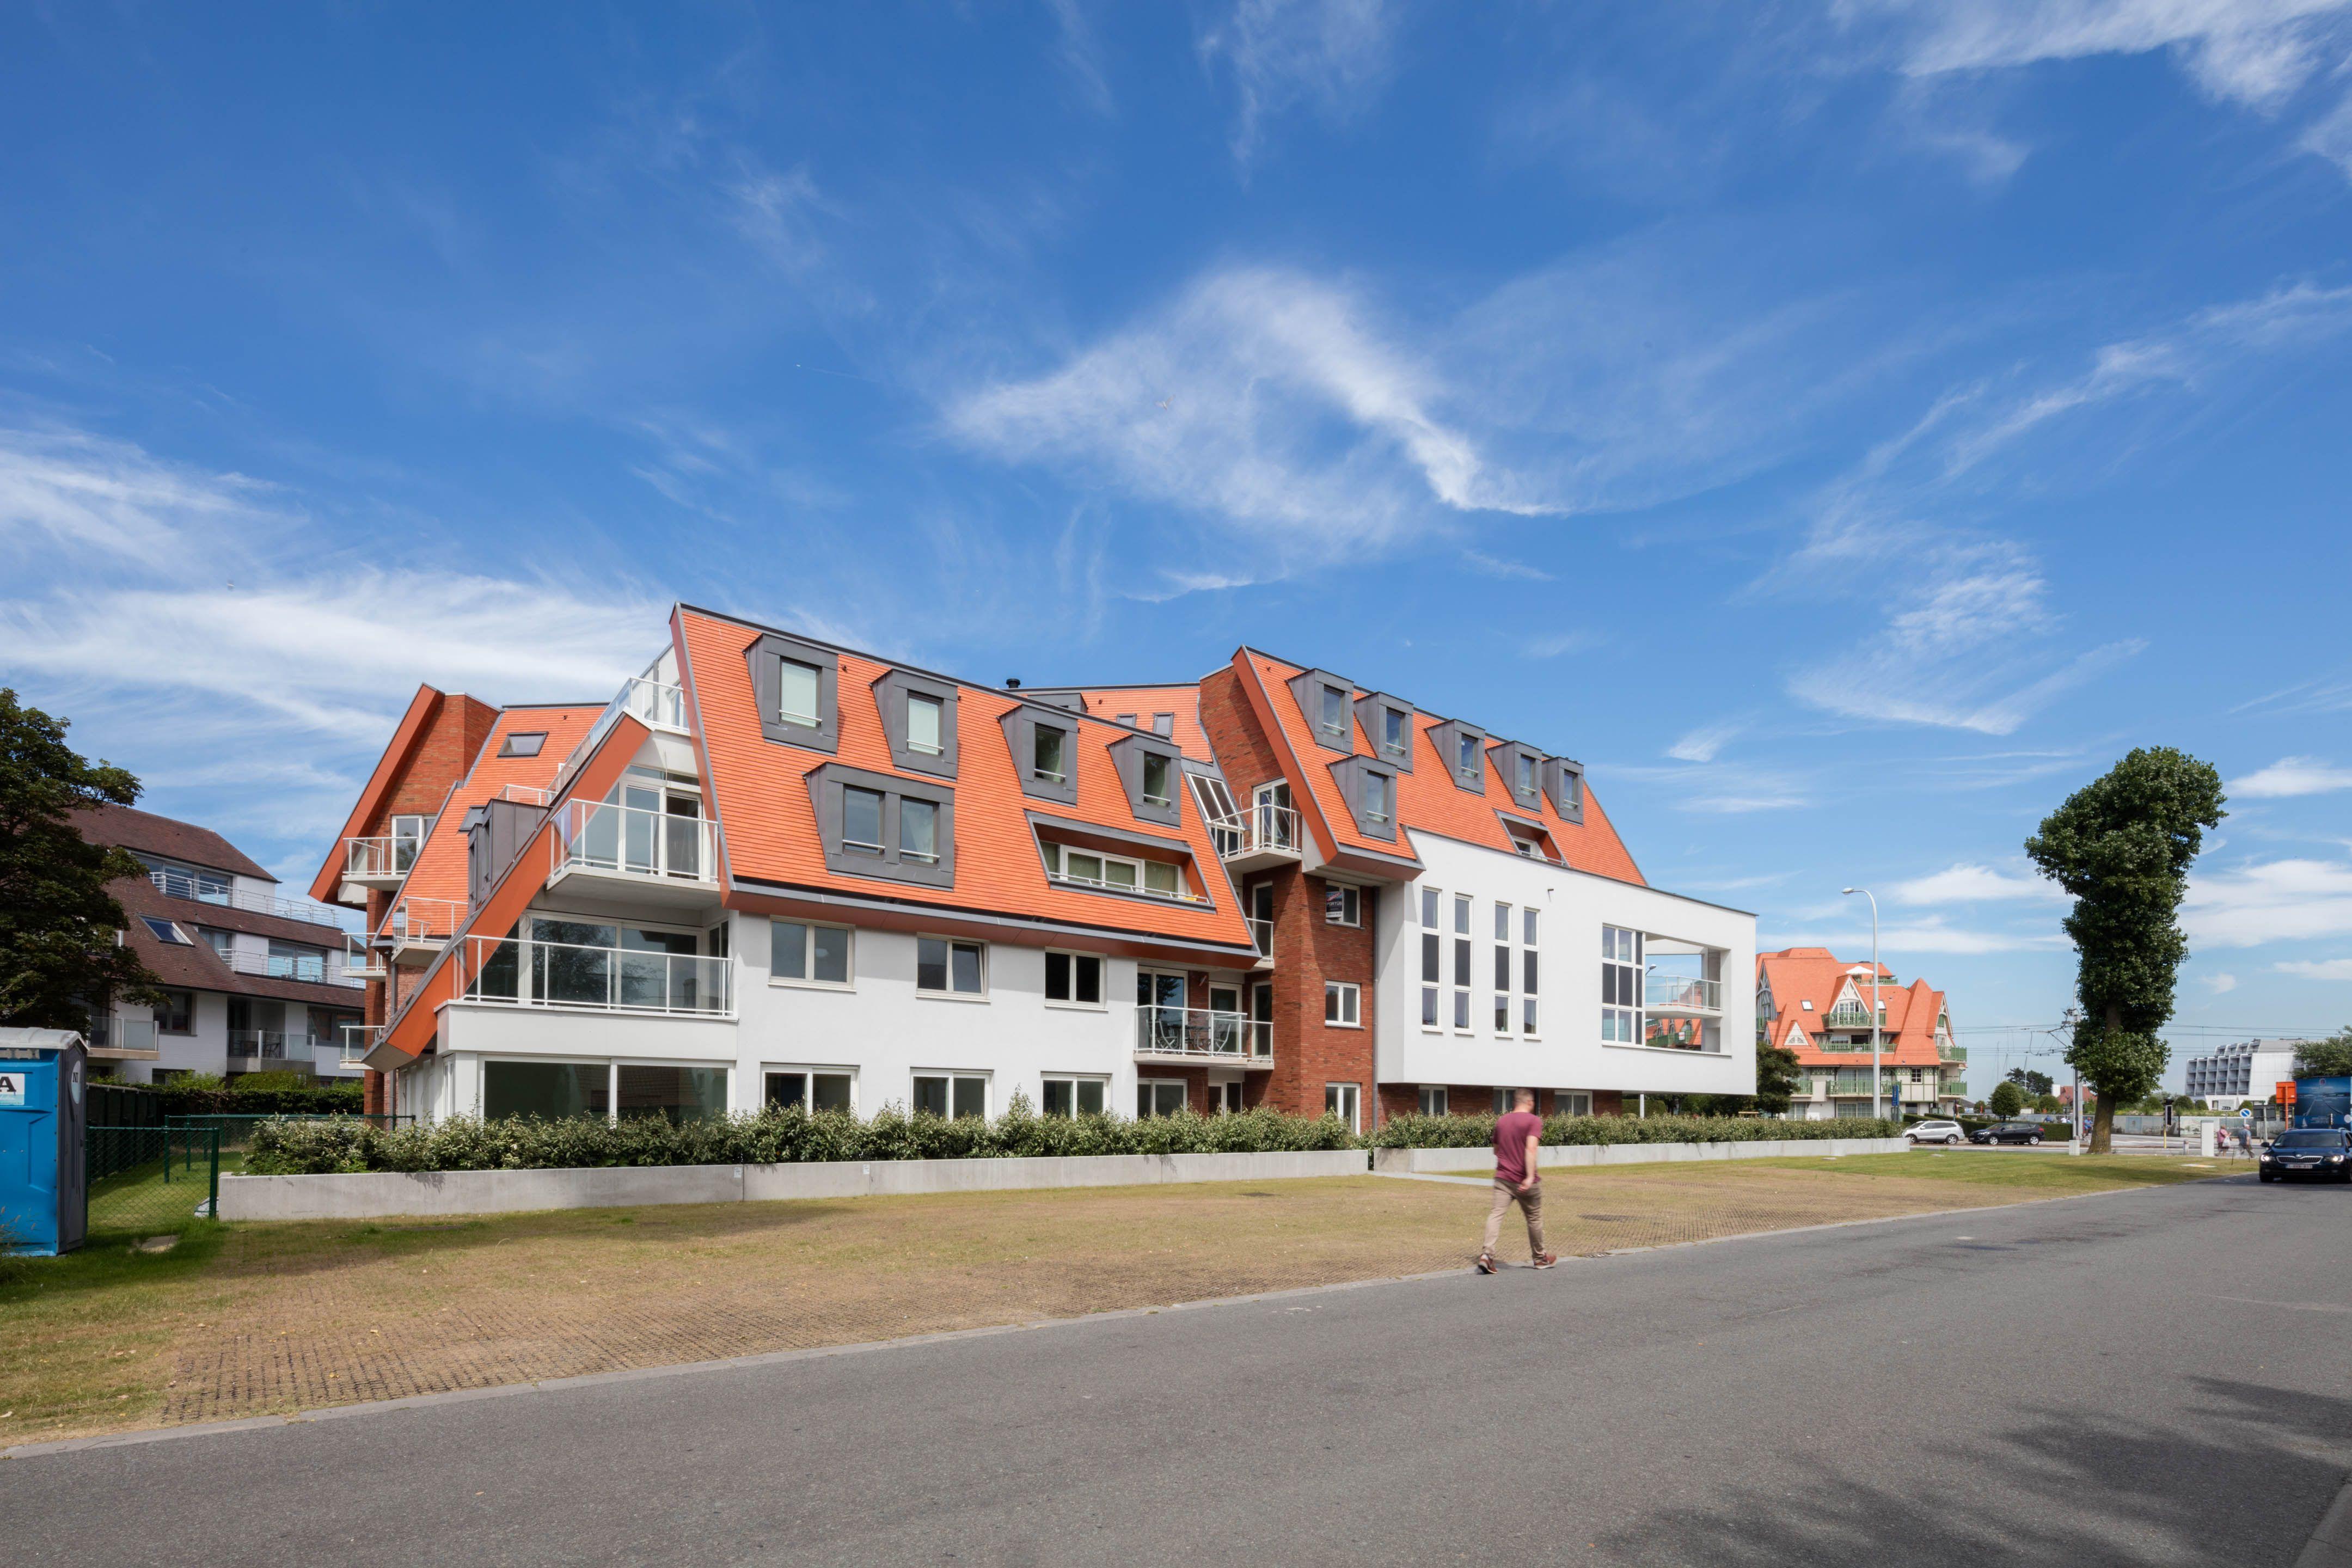 Appartement Residentie Villa Crombez Nieuwpoort - 9350